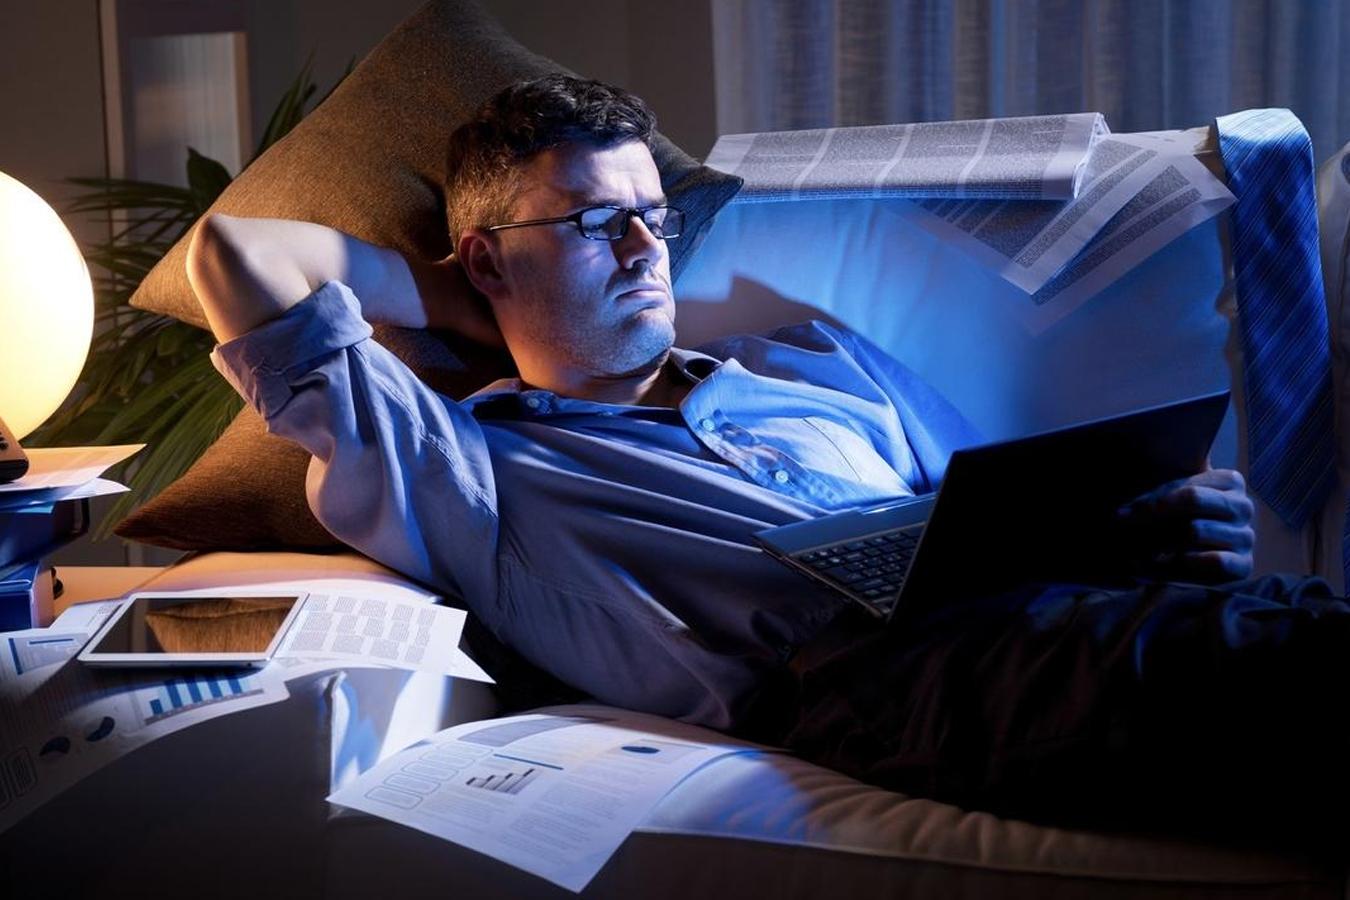 Smartphones, tablets… La luz azul es un riesgo real para nuestros ojos